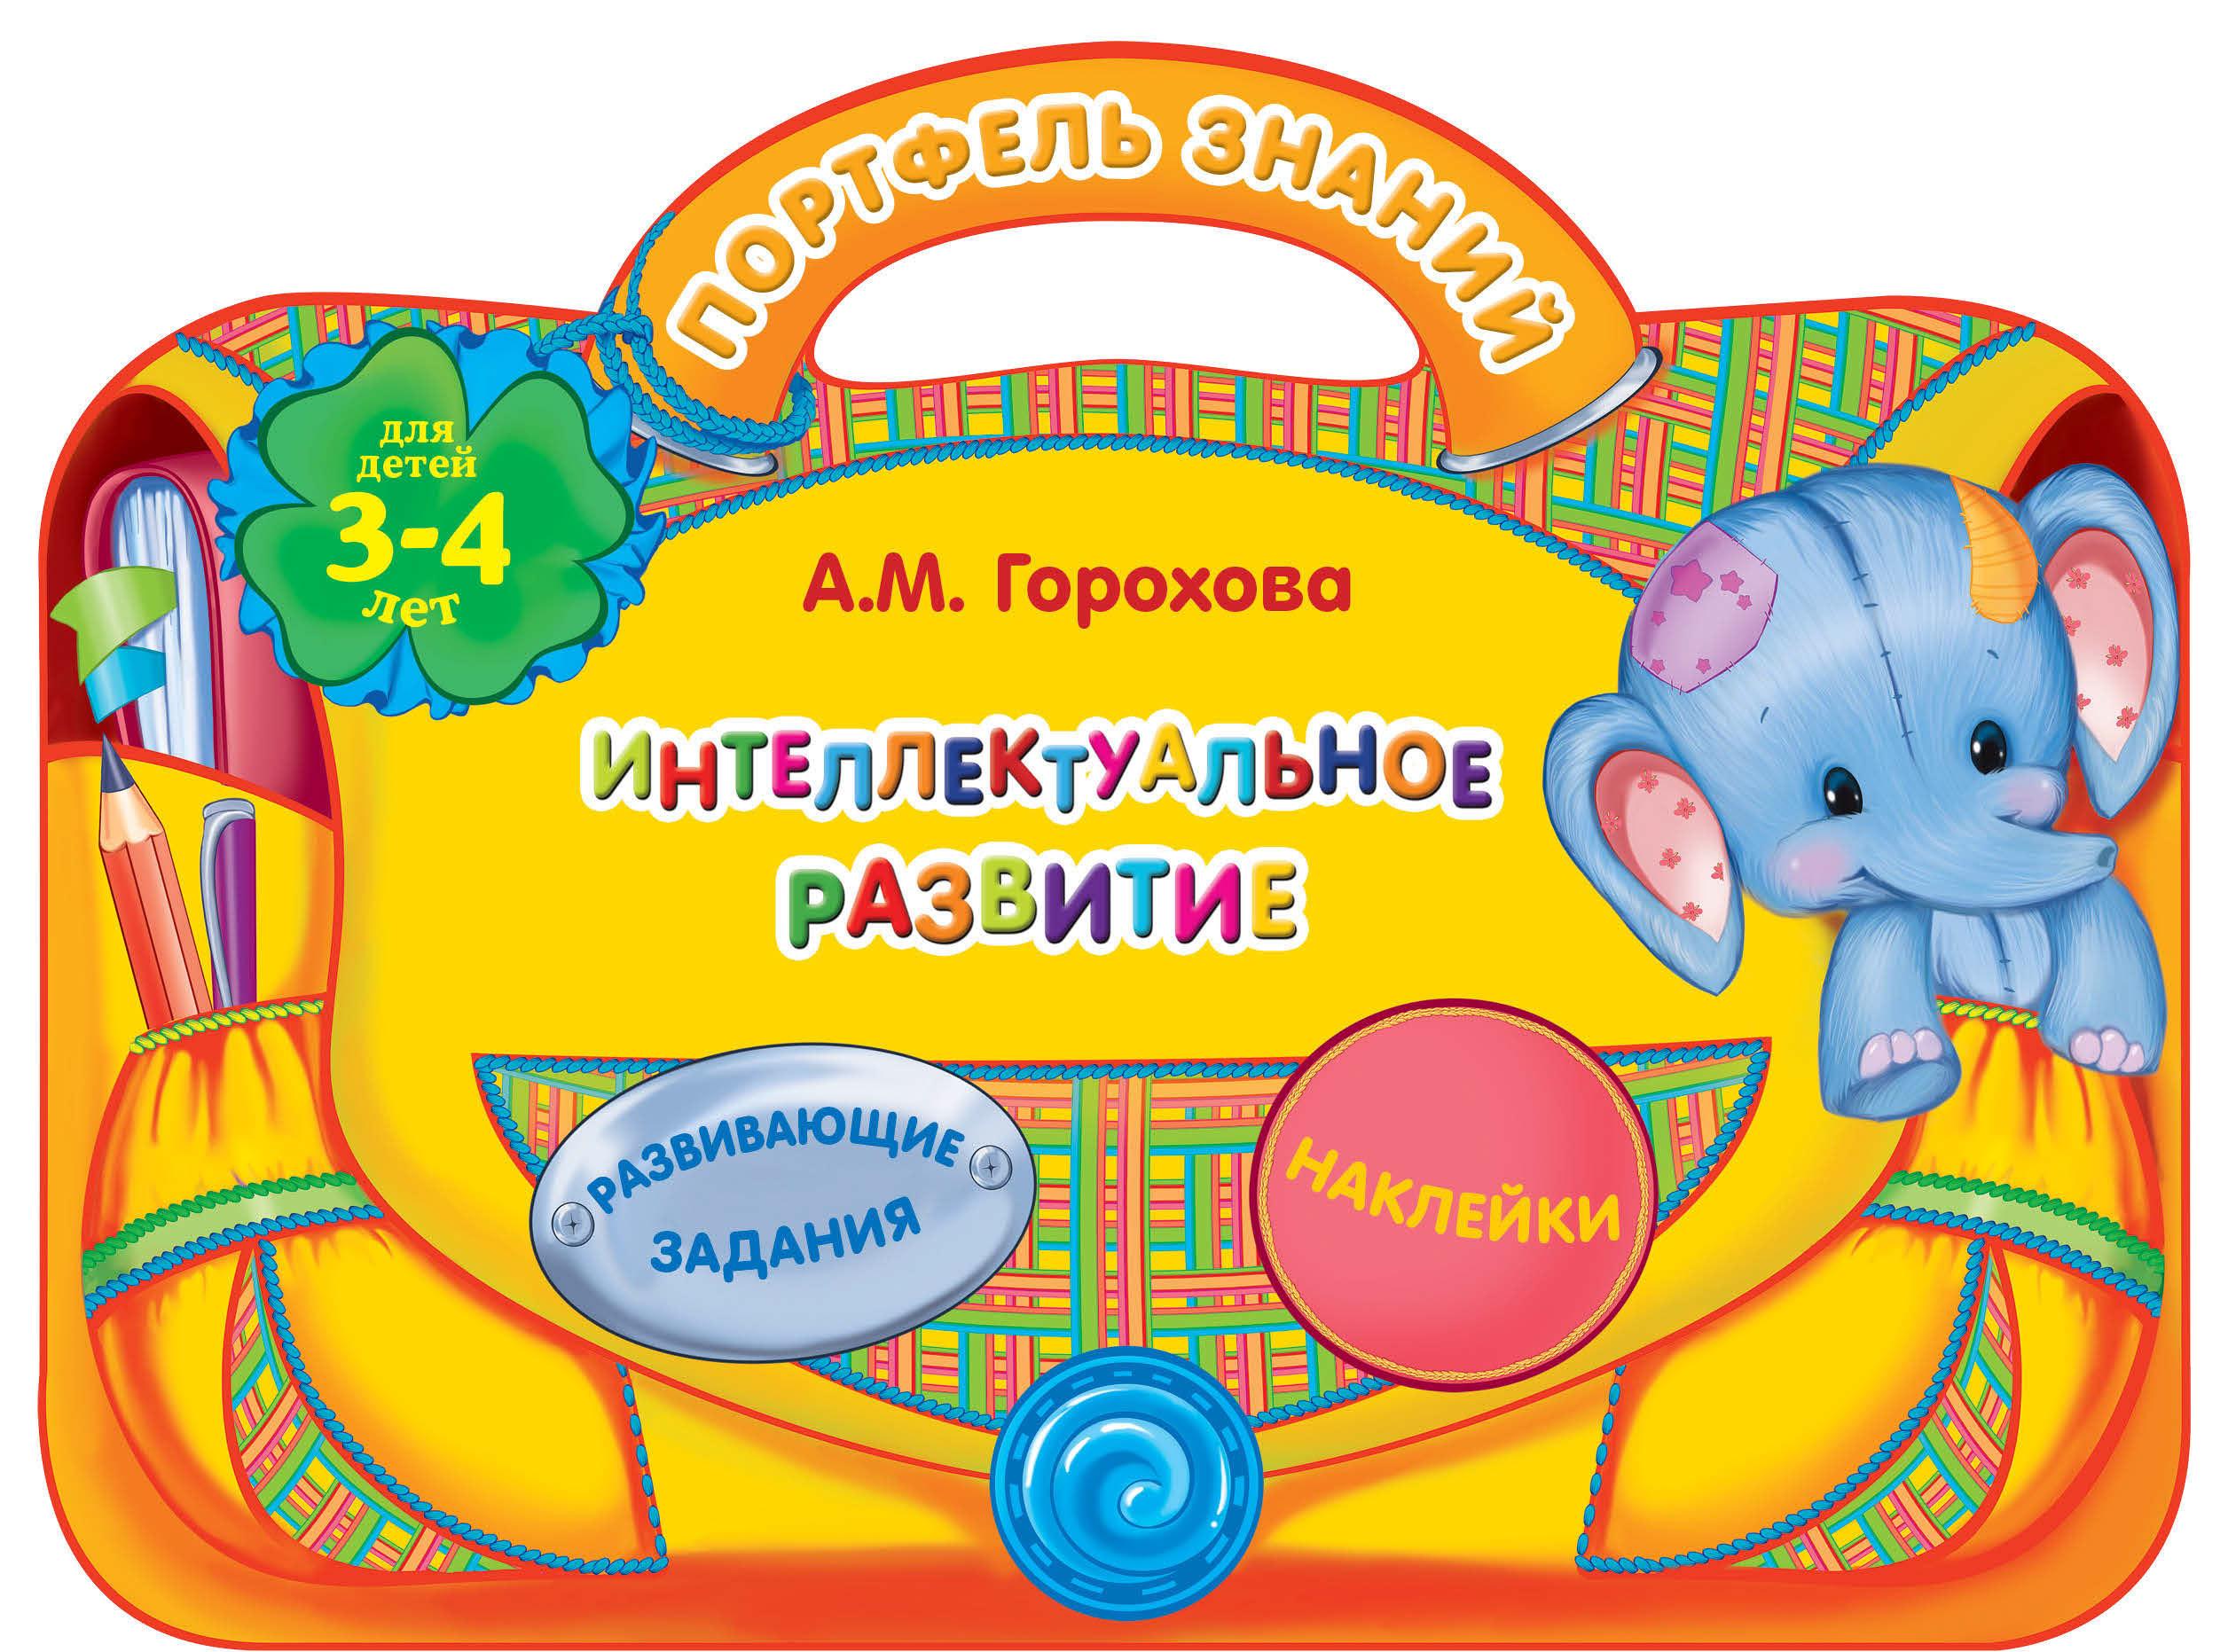 Анна Горохова Интеллектуальное развитие: для детей 3-4 лет анна горохова развиваем мелкую моторику буквы для детей 3 4 лет